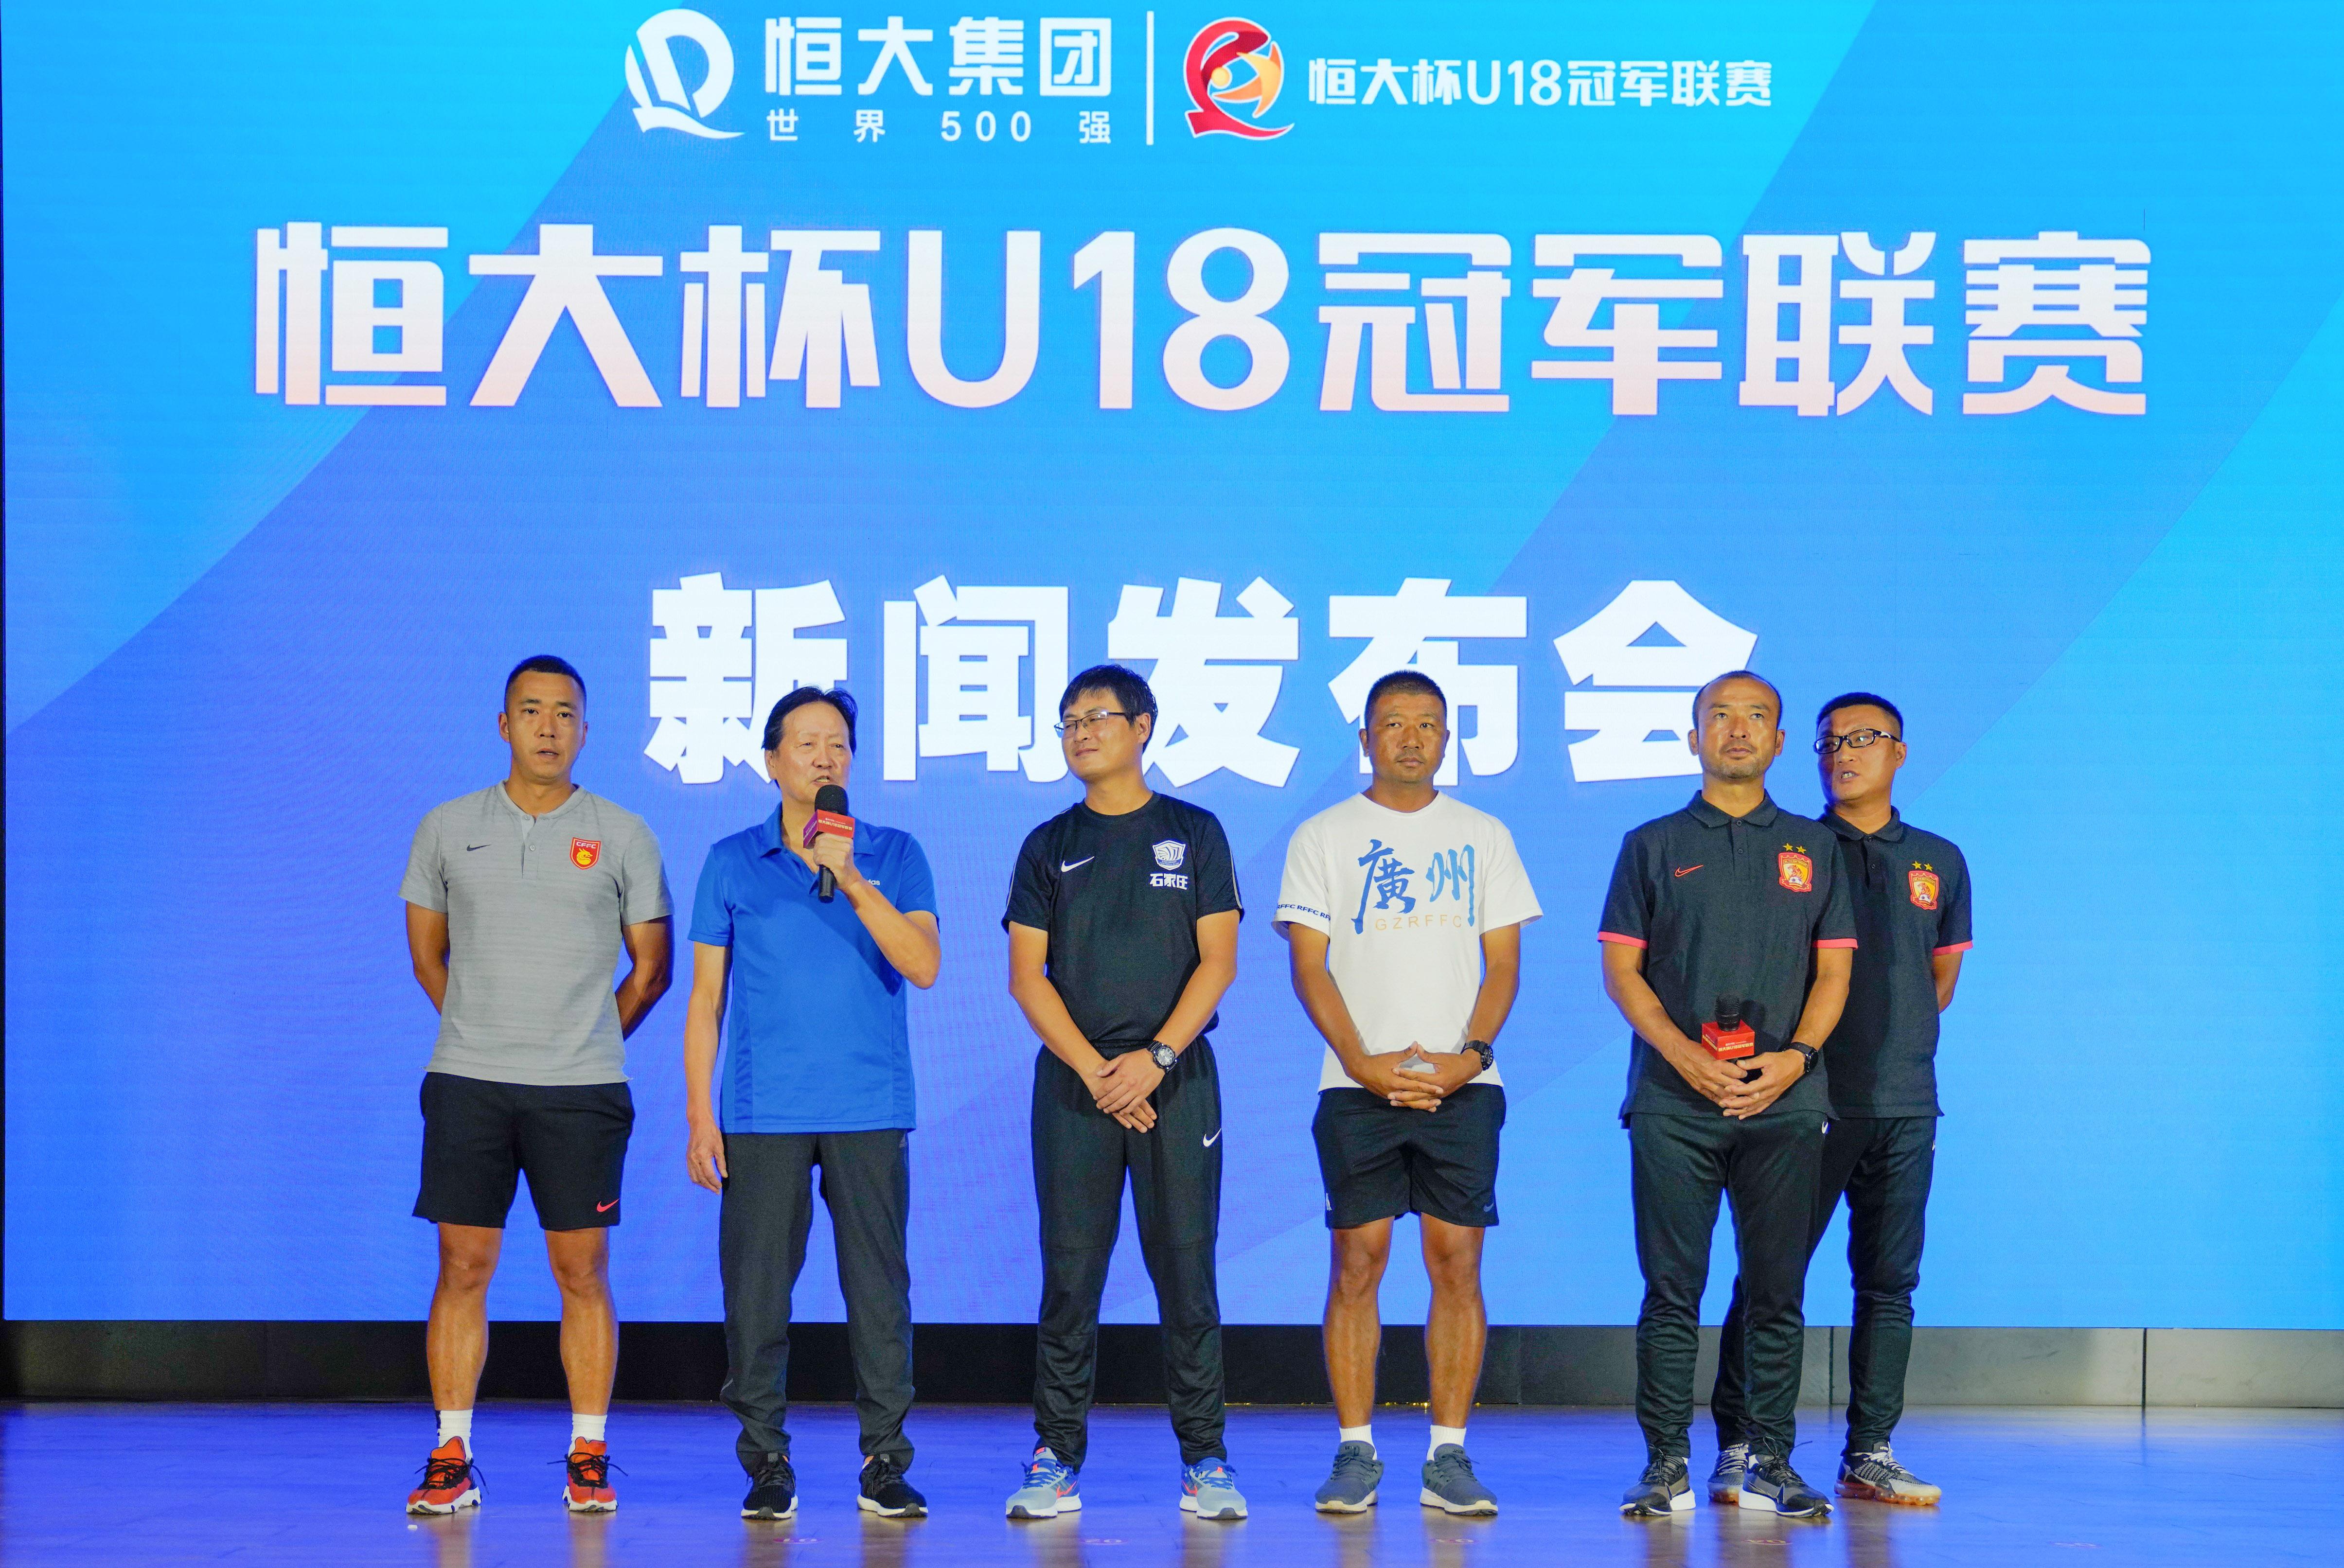 恒大杯U18冠军联赛开幕,参赛队包括中超、中甲梯队